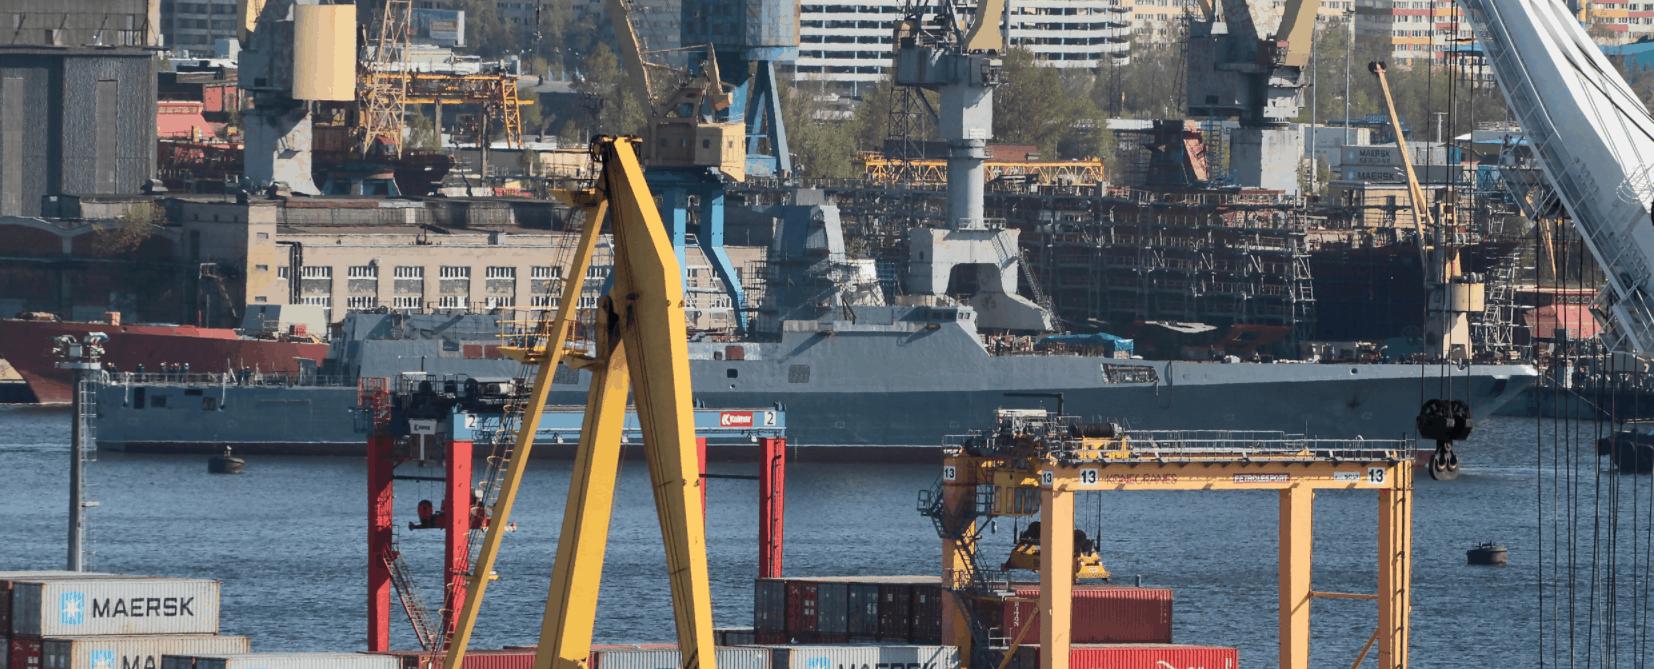 «Адмирал Головко» проєкту 22350 (номер 923). 2020 рік. Фото: ЗМІ РФ